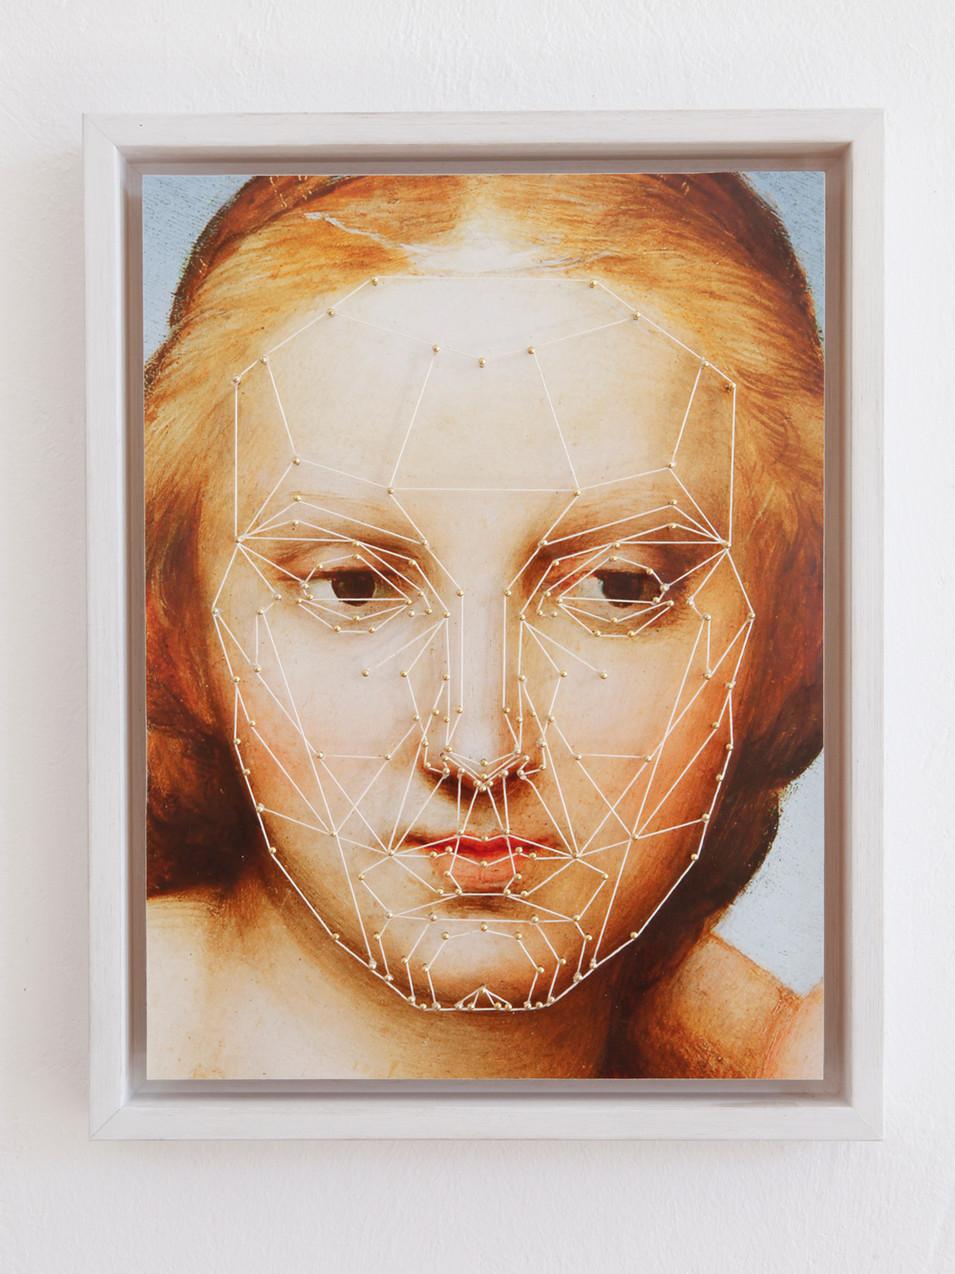 Anna Herrgott | MARQUARDT -R- | 2015 | Nägel und Schnur auf Fine Art Print 45 cm x 35 cm x 4,5 cm m.R. | Auflage 3